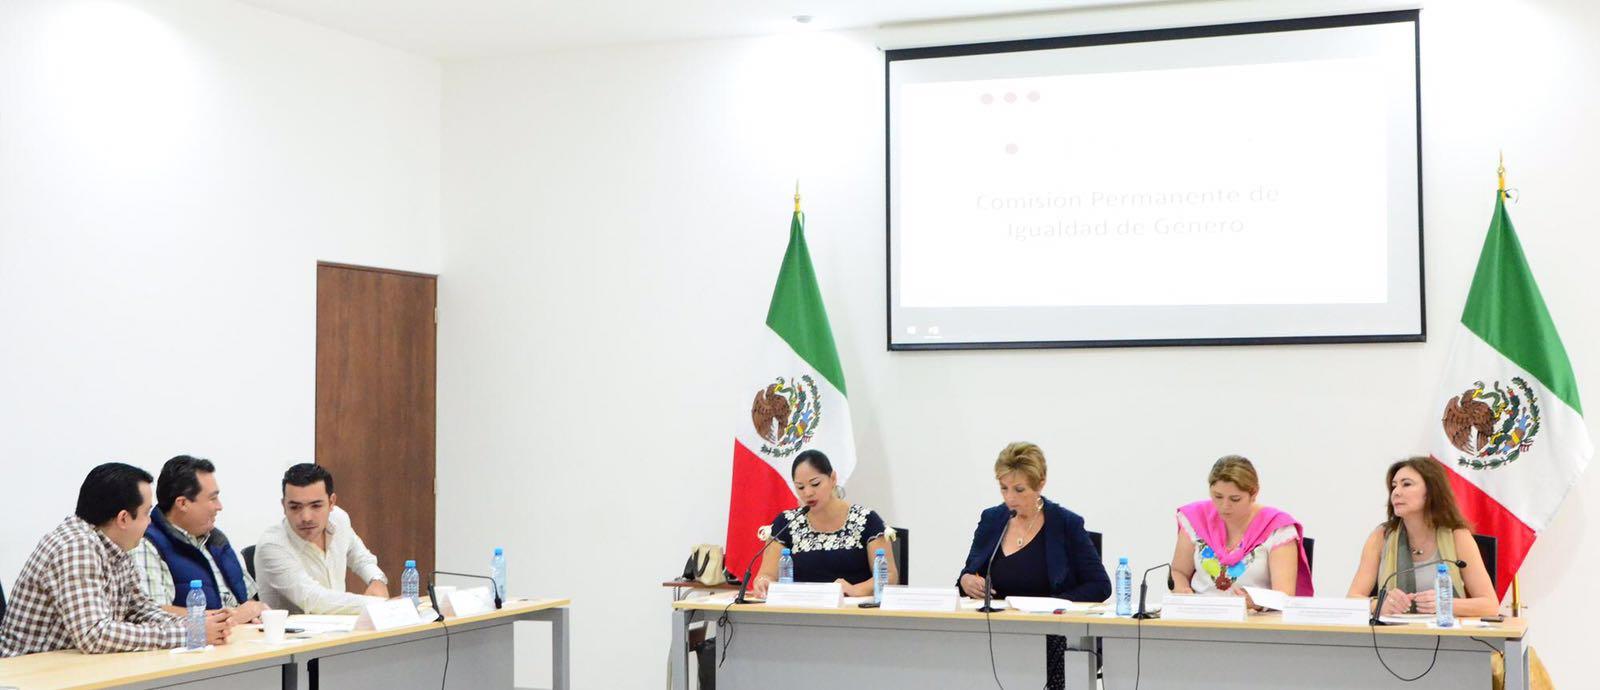 Suman propuestas para fortalecer igualdad de género en Yucatán